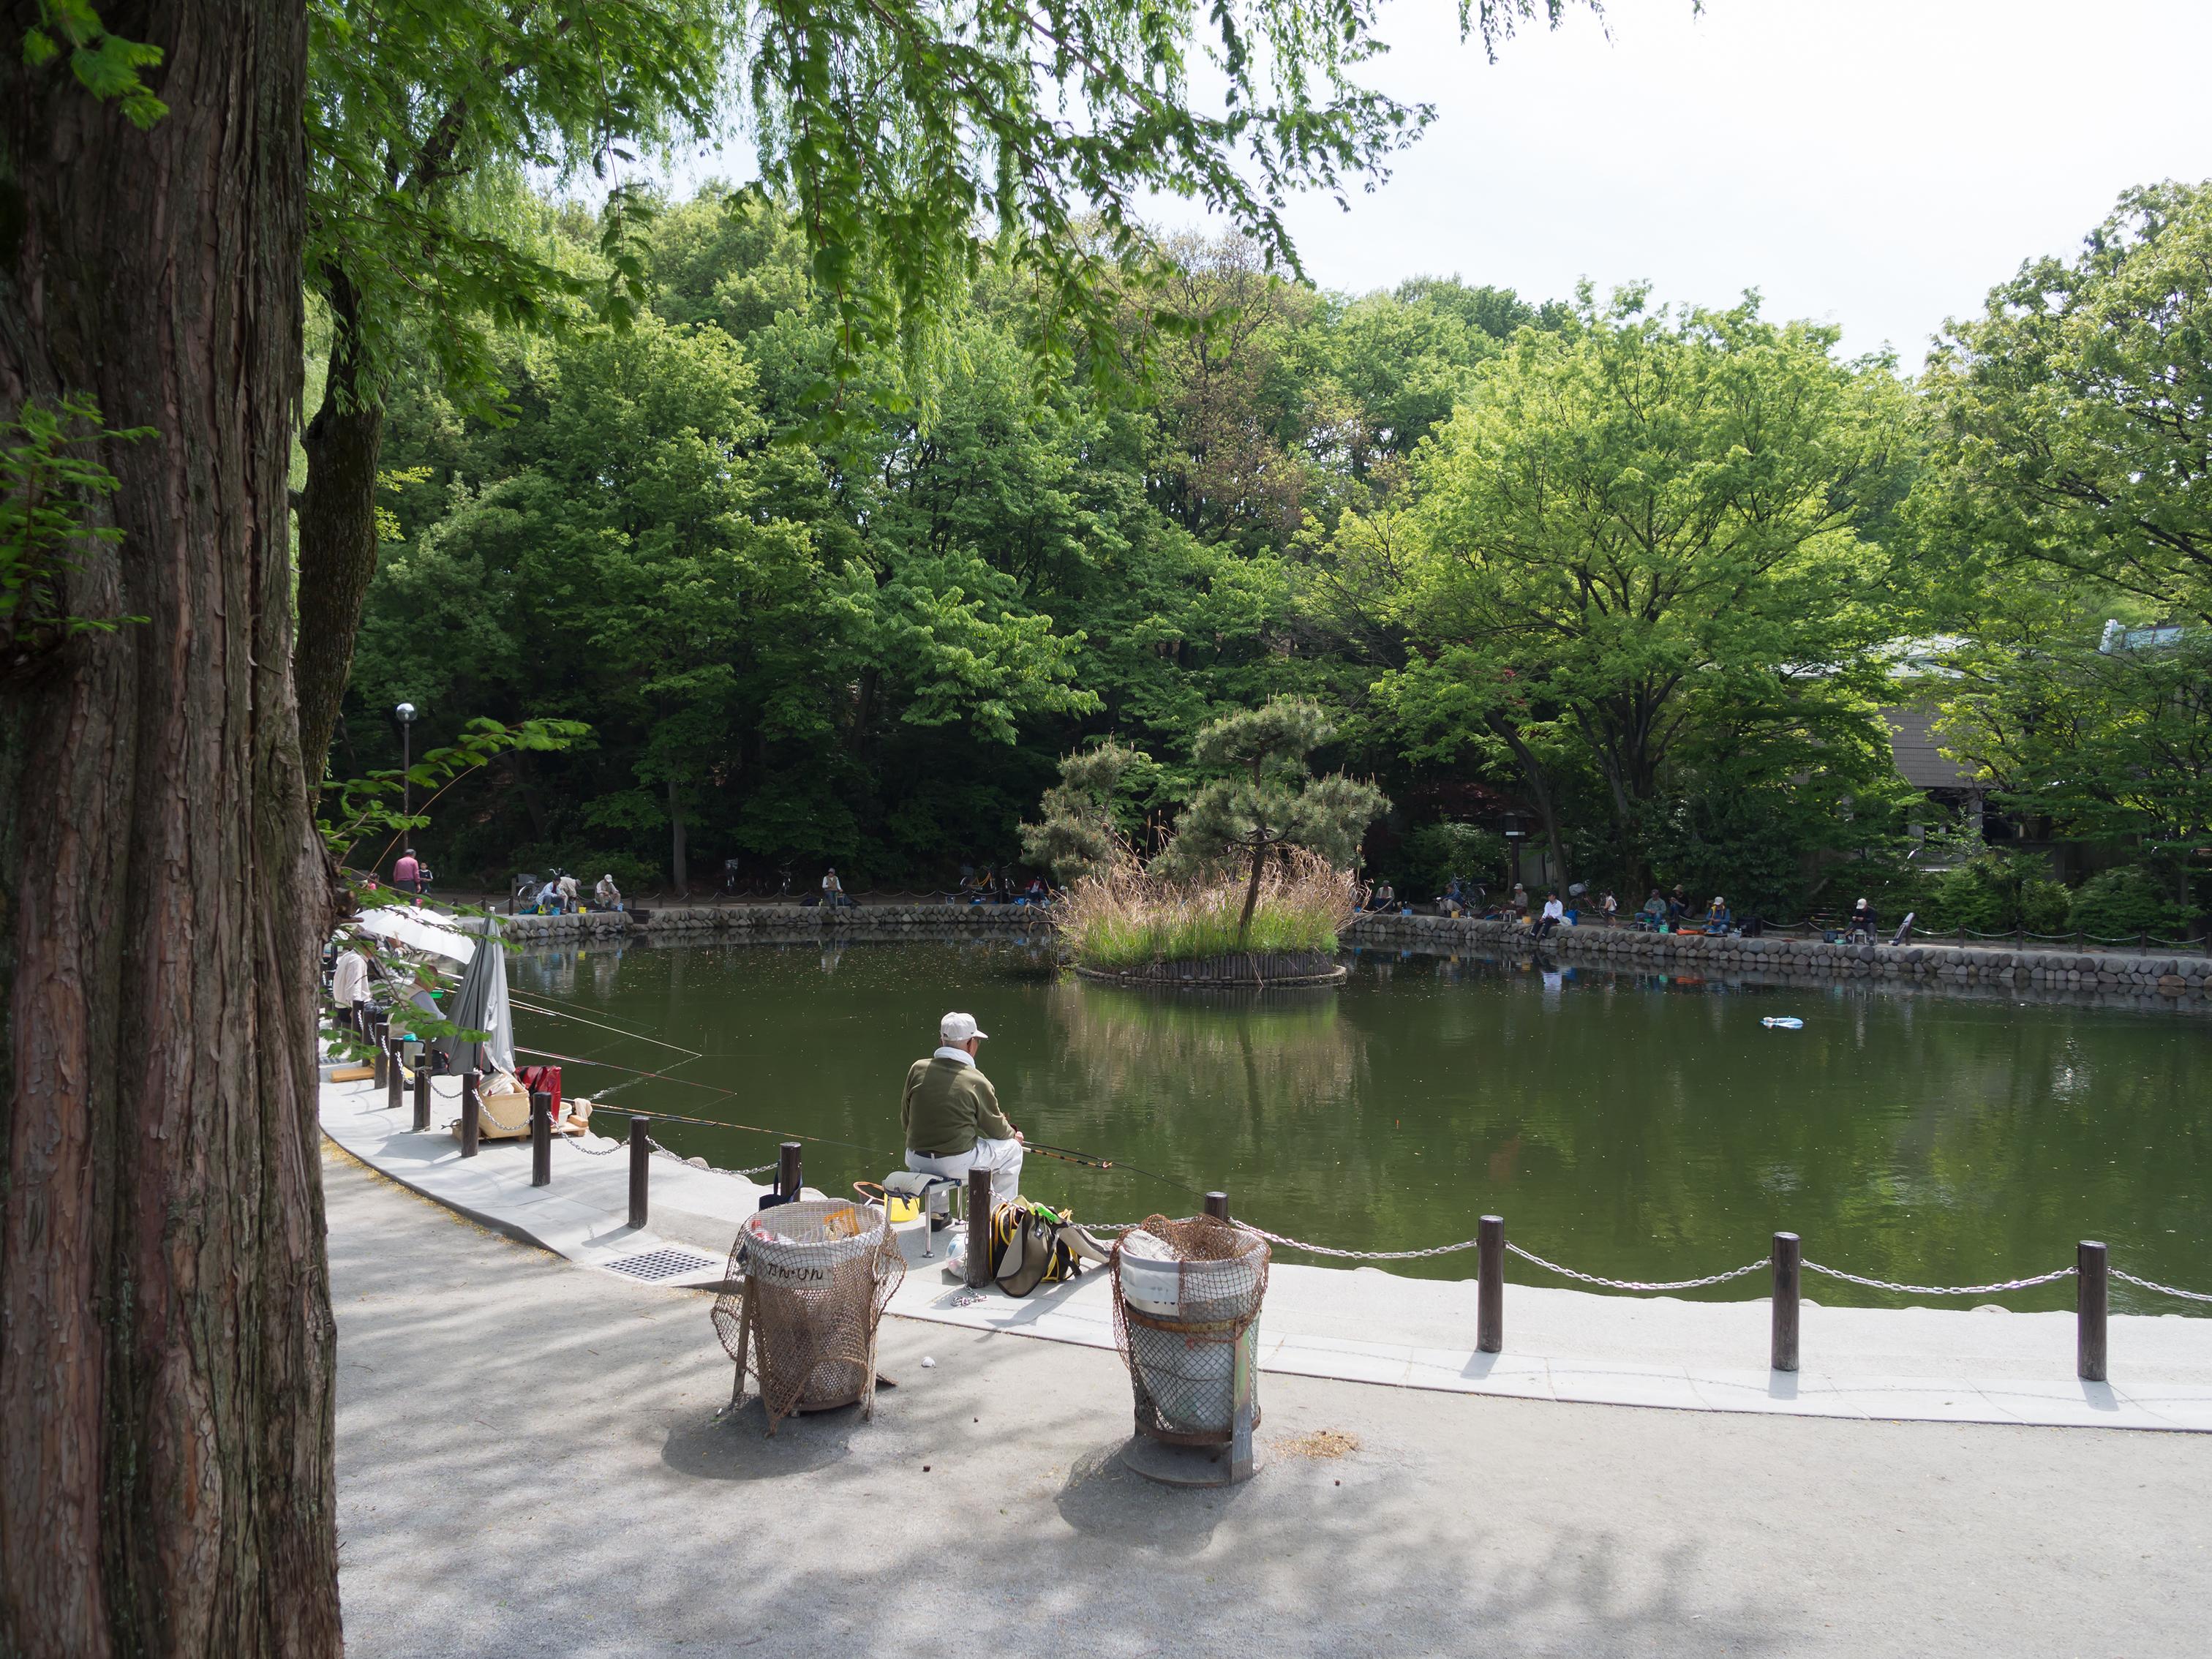 雄蛇ヶ池でバス釣りを楽しもう!貸しボート・駐車場・アクセスまで詳しく紹介!